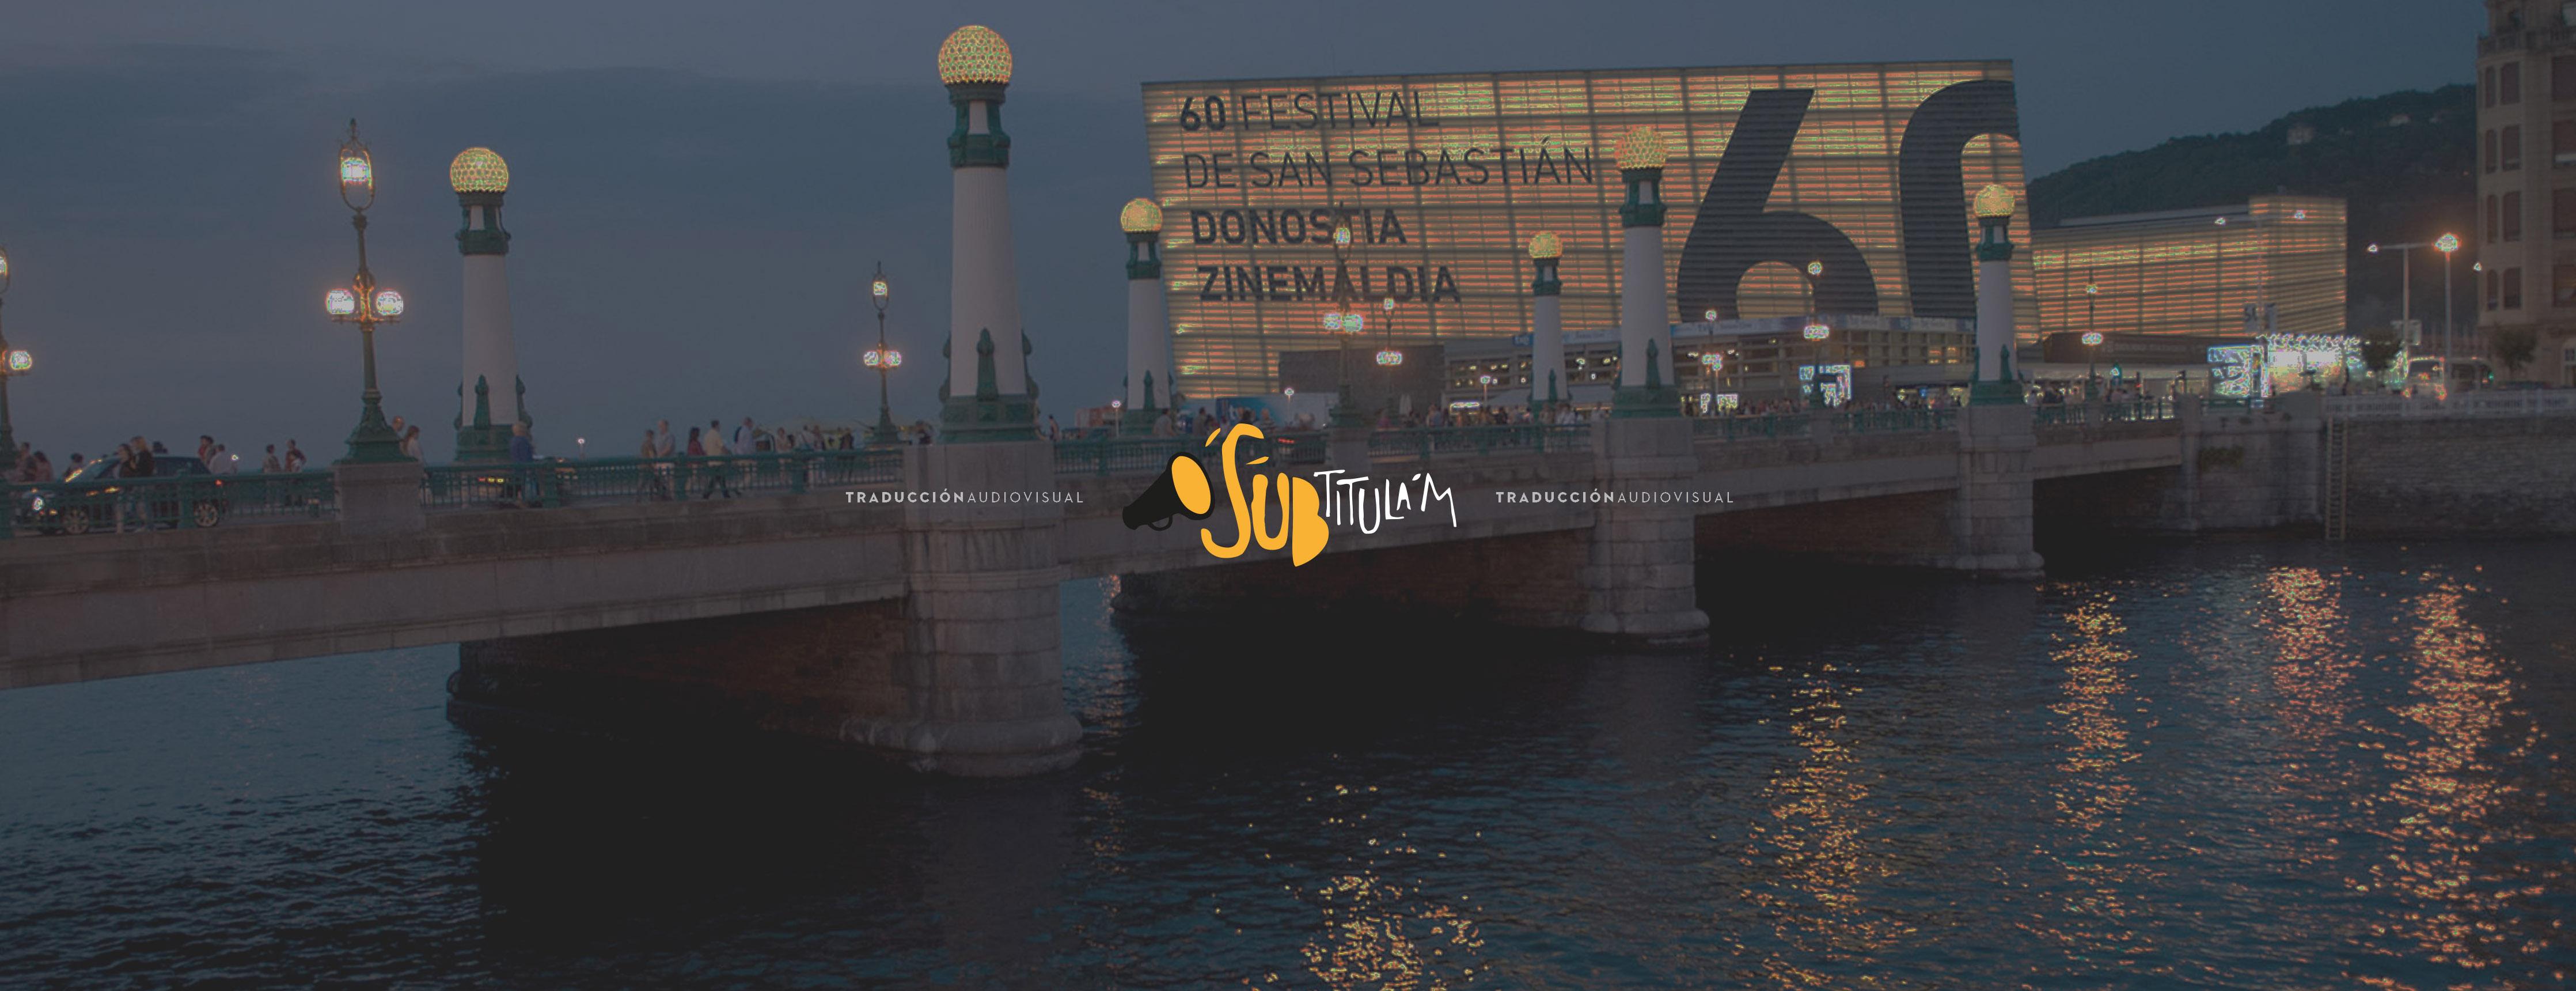 Branding y diseño web para Subtitulam